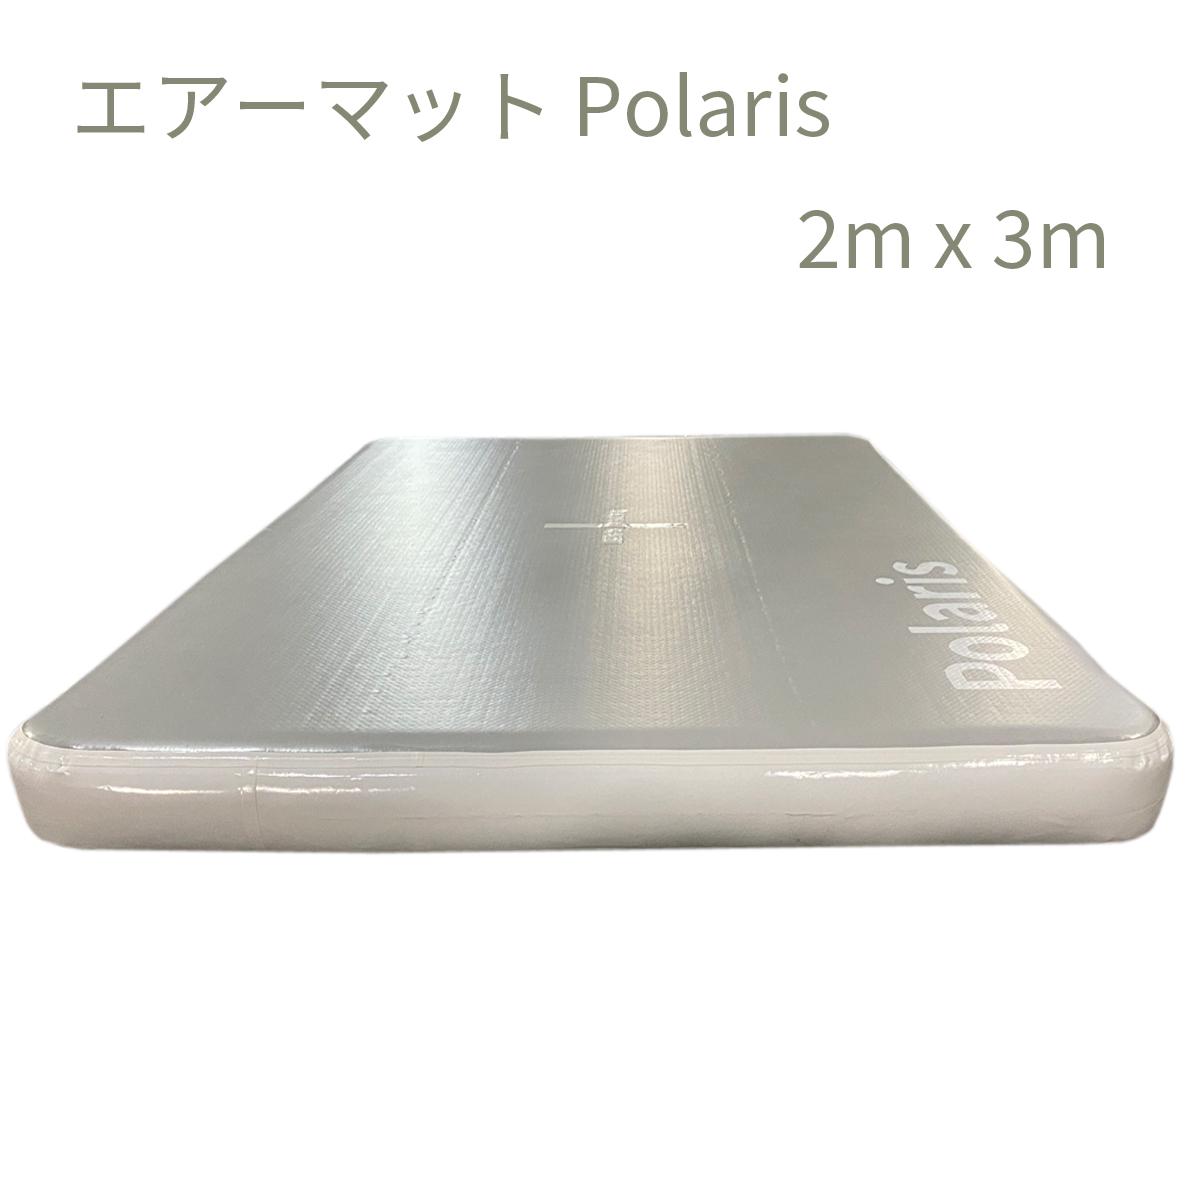 エアーマットPolaris 2m x 3m